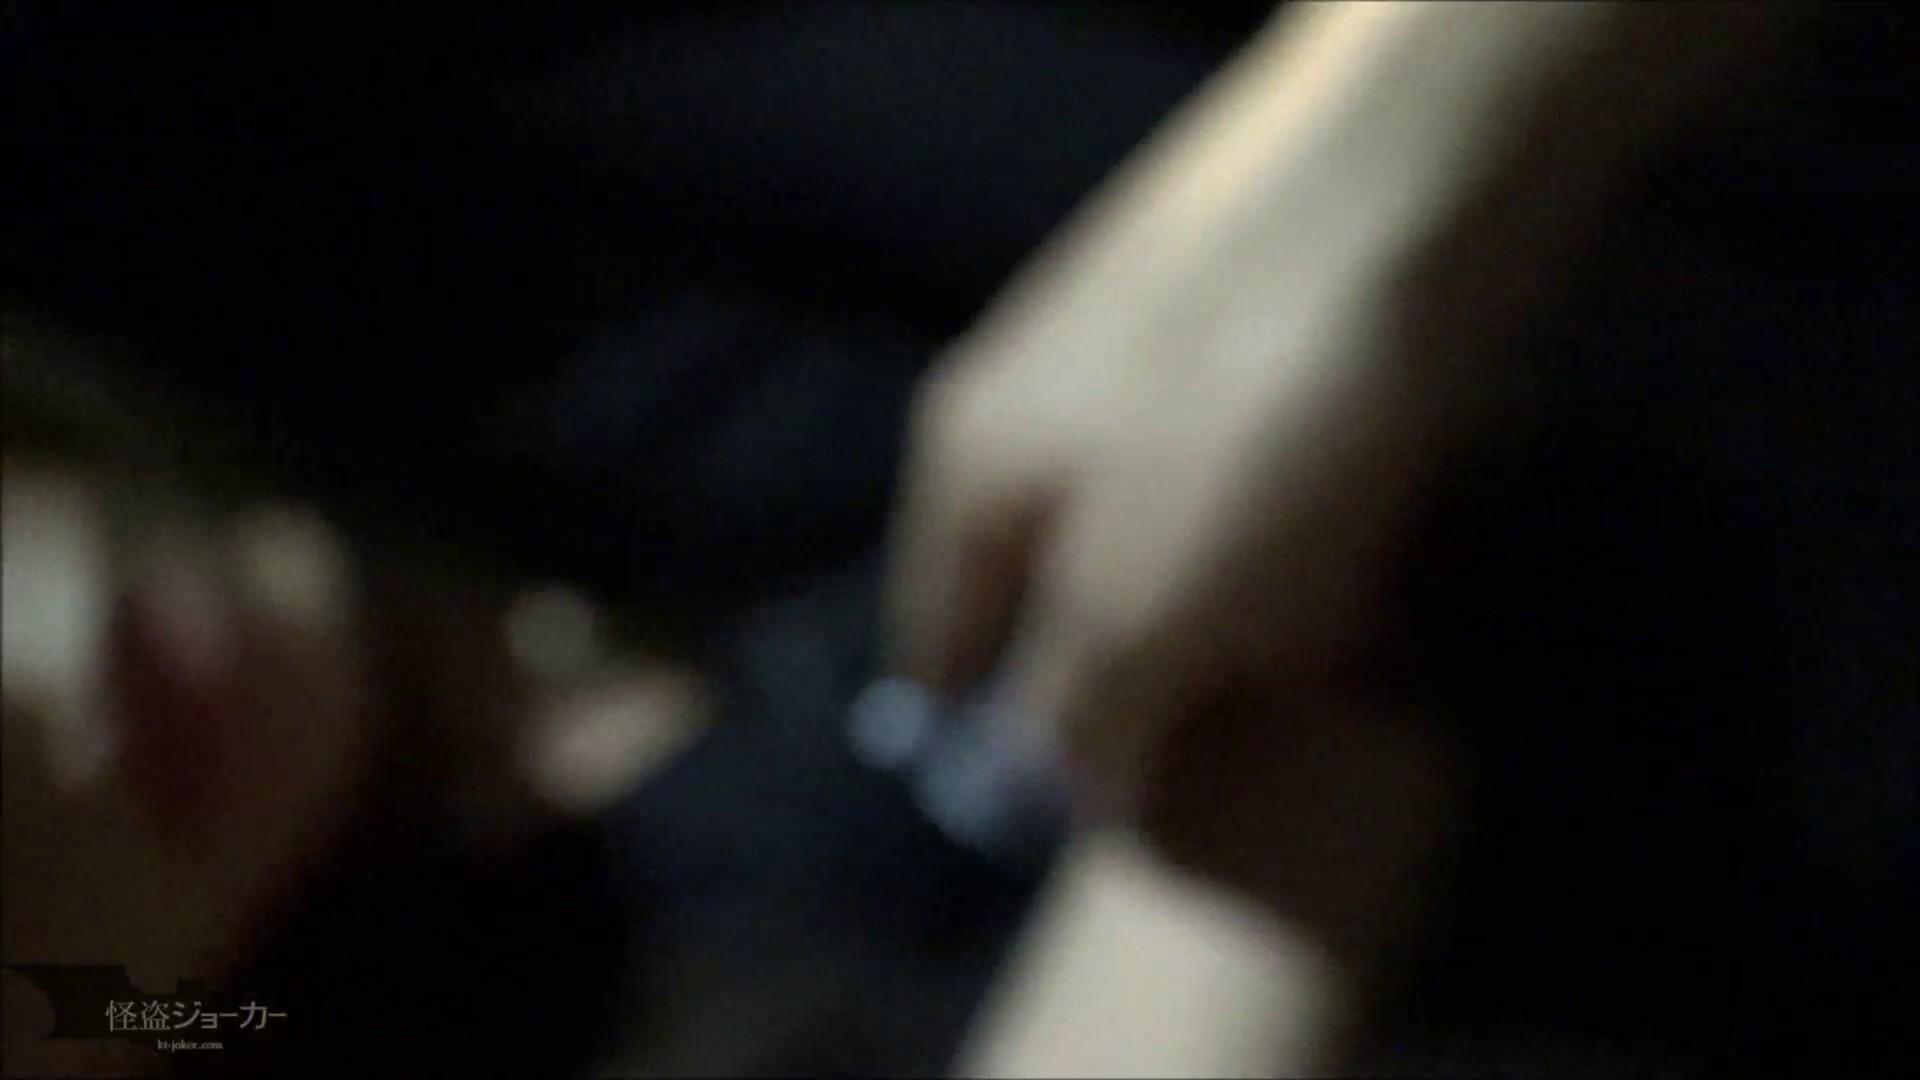 【未公開】vol.100 {5人の無警戒女たち}終電を逃した末路ww 爆乳 AV動画キャプチャ 93連発 59